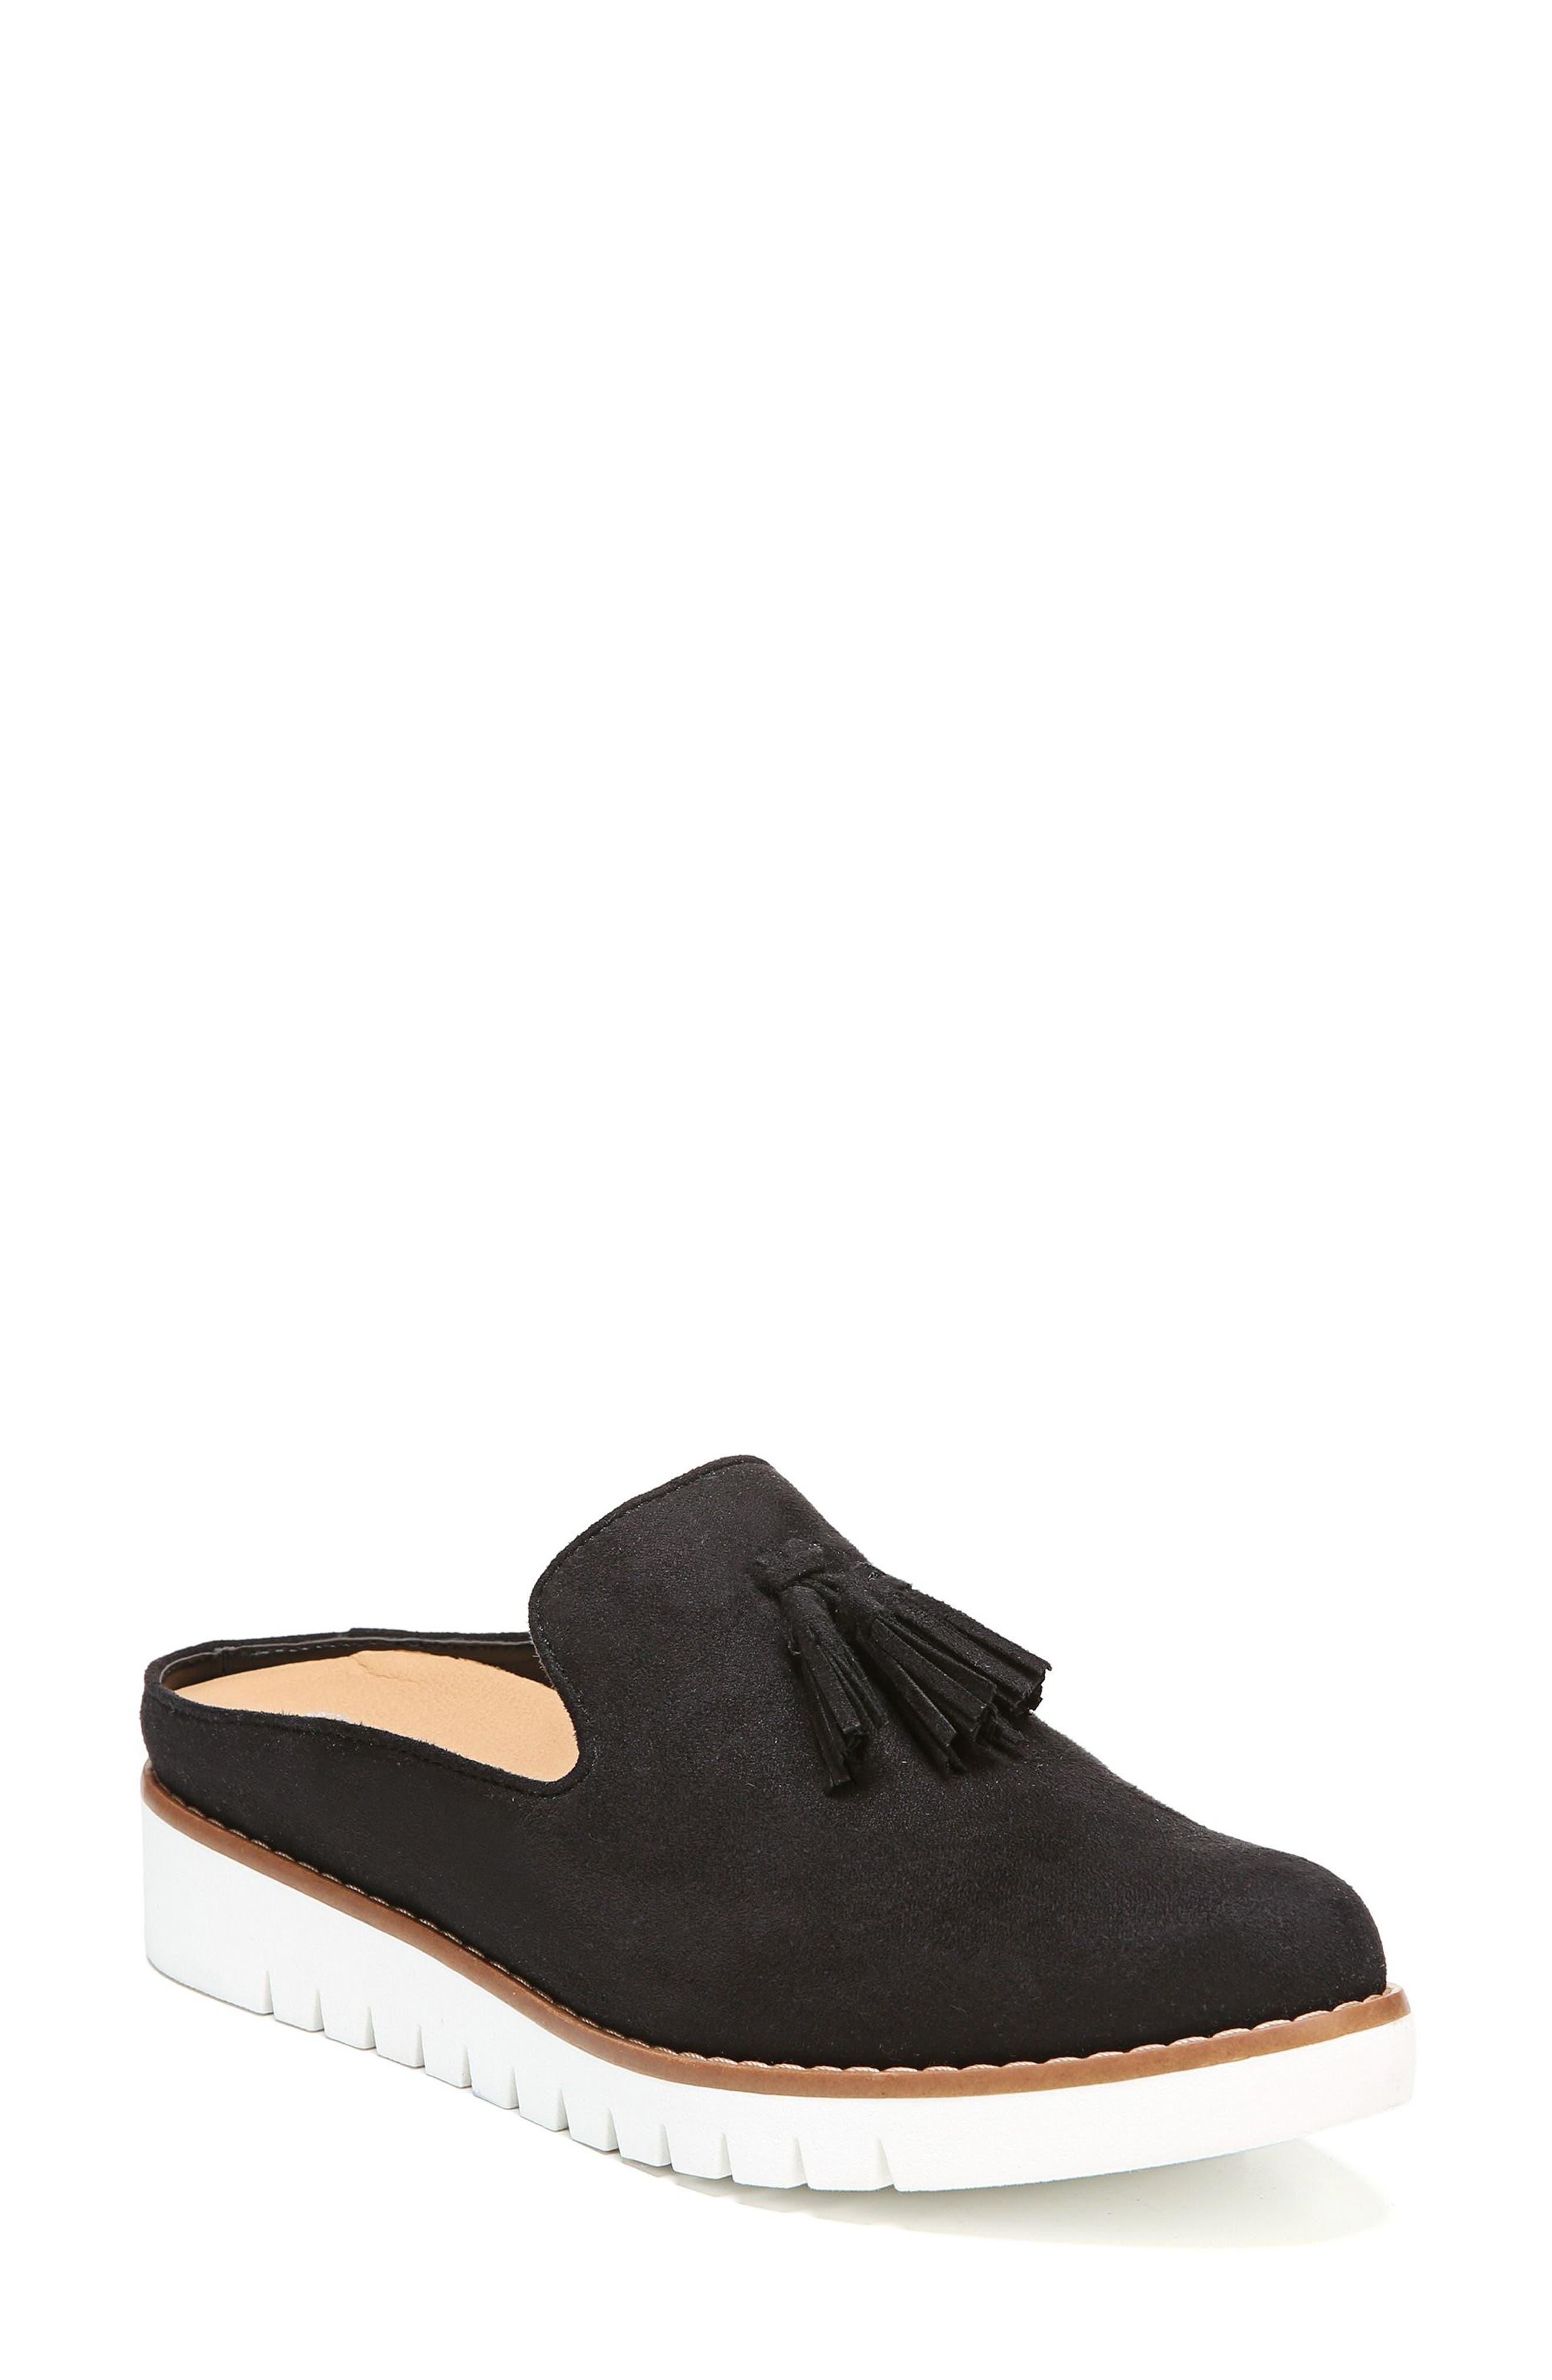 on women shoes slippers comfort diabetic snug romi comforter feet vionic s orthopedic slip flow doctor